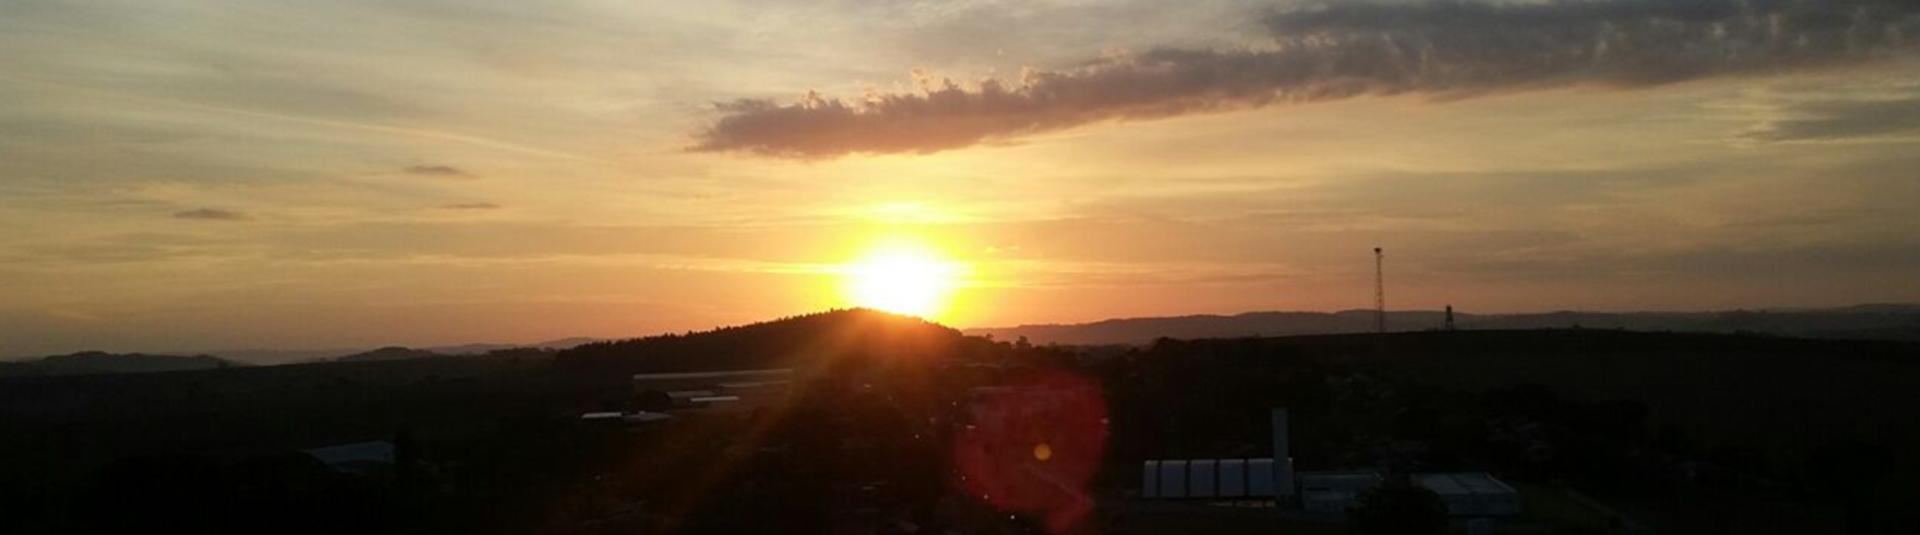 banner_sunset